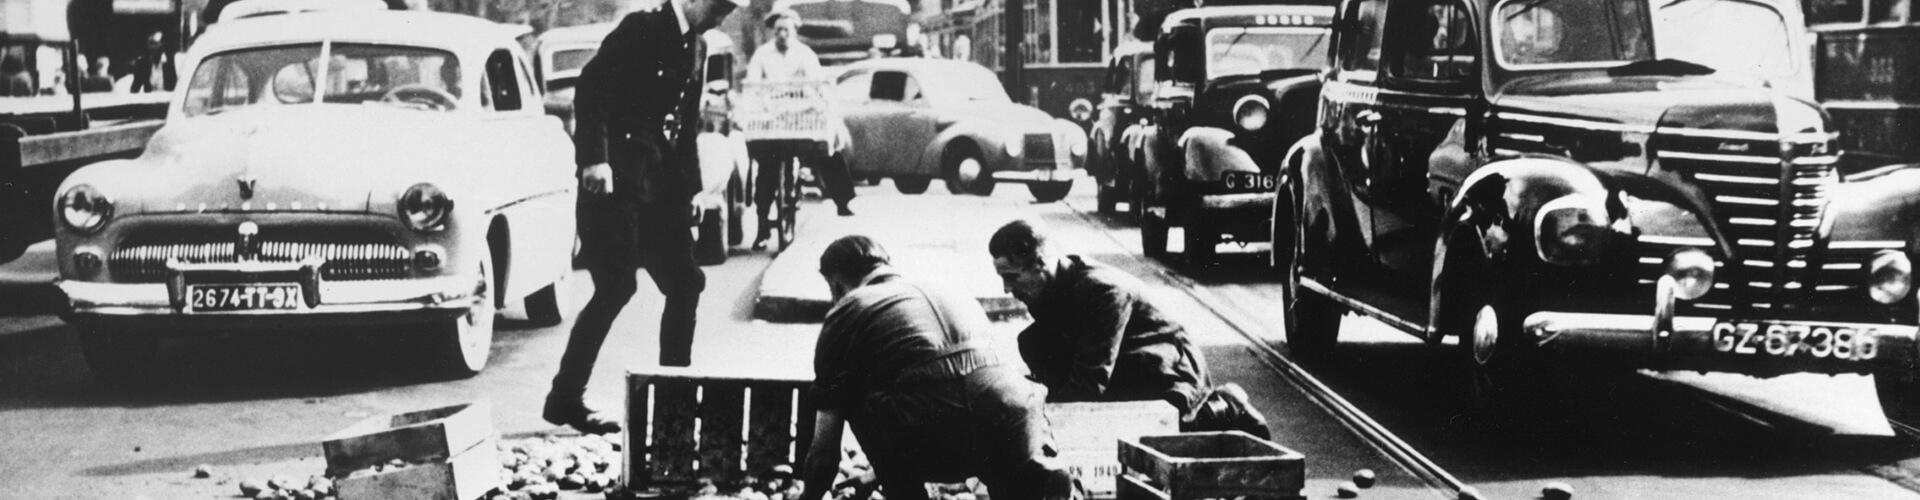 Bijschrift: Fotojournalist Waldo Van Suchtelen won in 1949 de eerste Zilveren Camera met zijn foto Aardappelen rooien op de Dam.